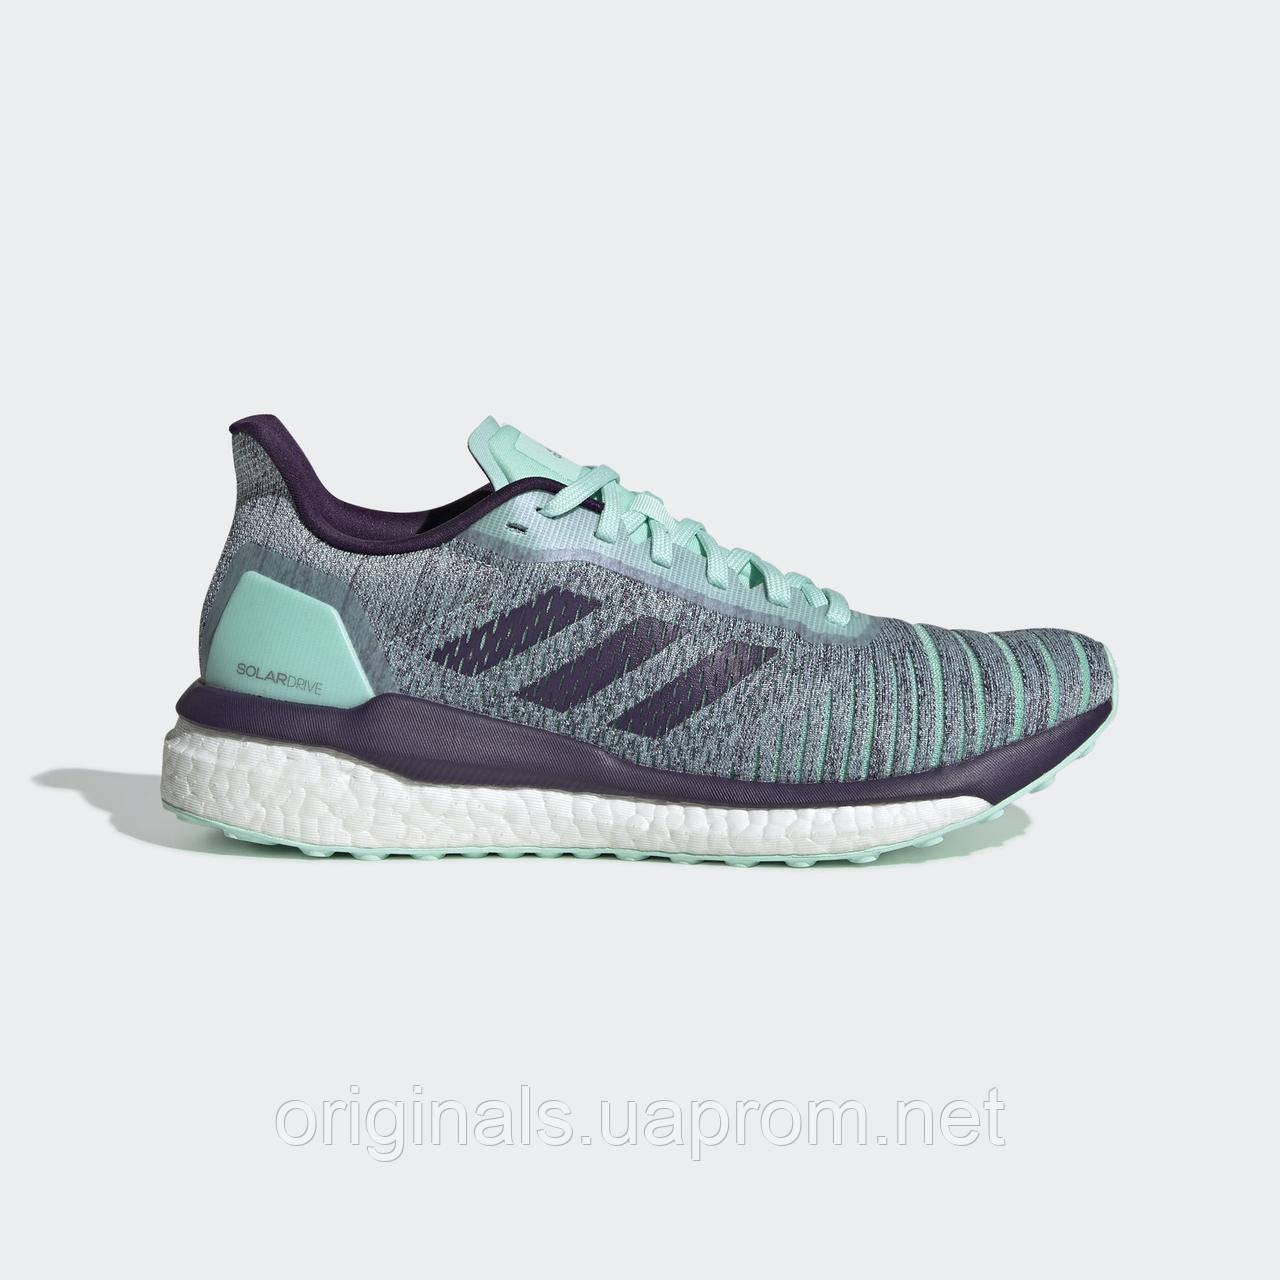 Беговые кроссовки Adidas Solar Drive W D97448